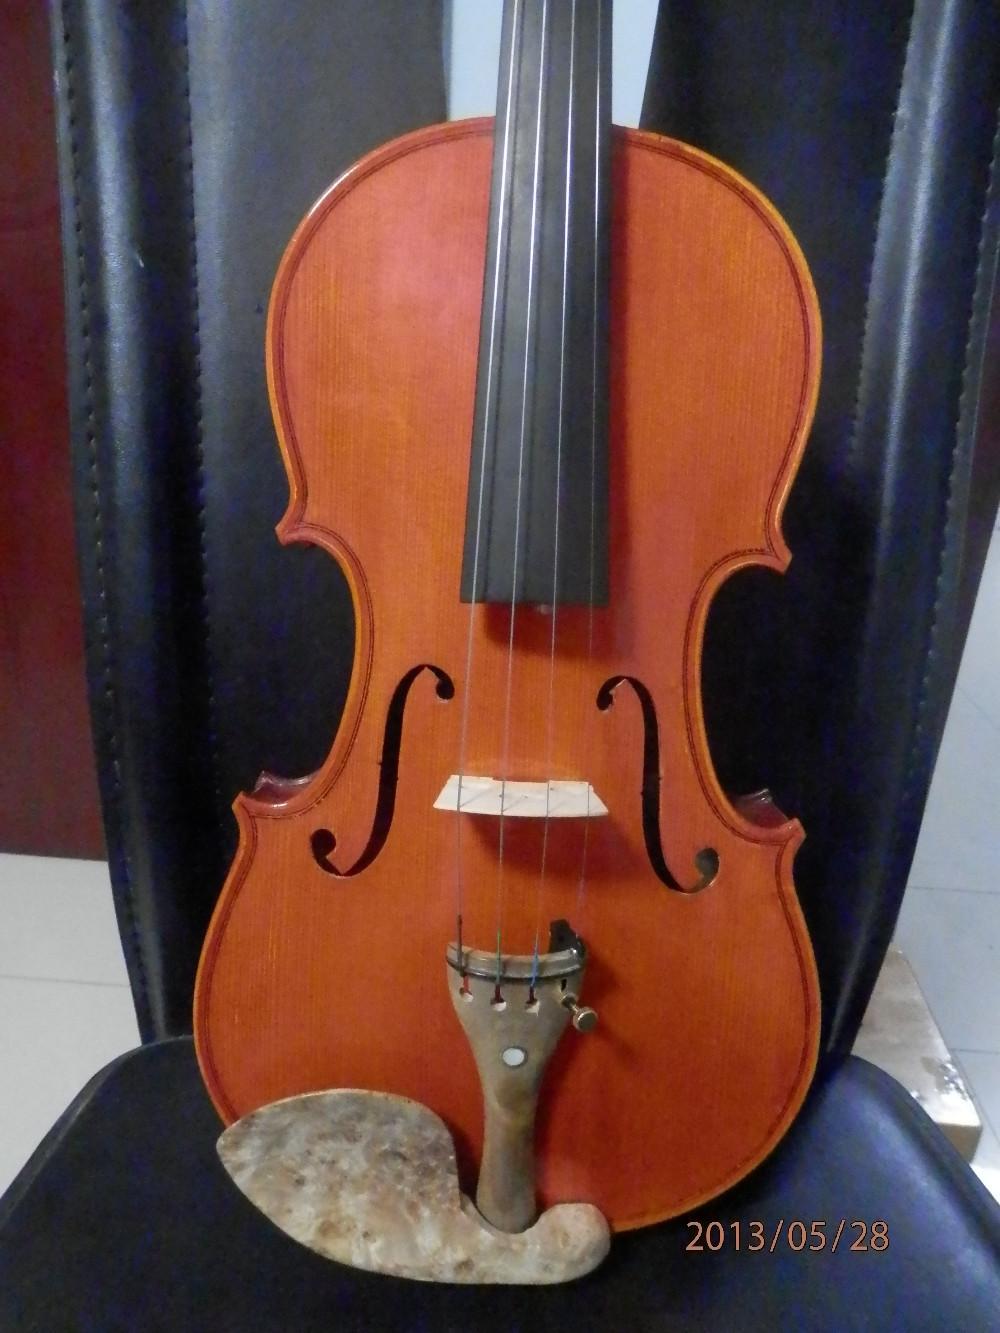 Neue handgefertigte 4 4 violine stradivari modell sch ne vogelperspektive holz keine zm2 in - Vogelperspektive englisch ...